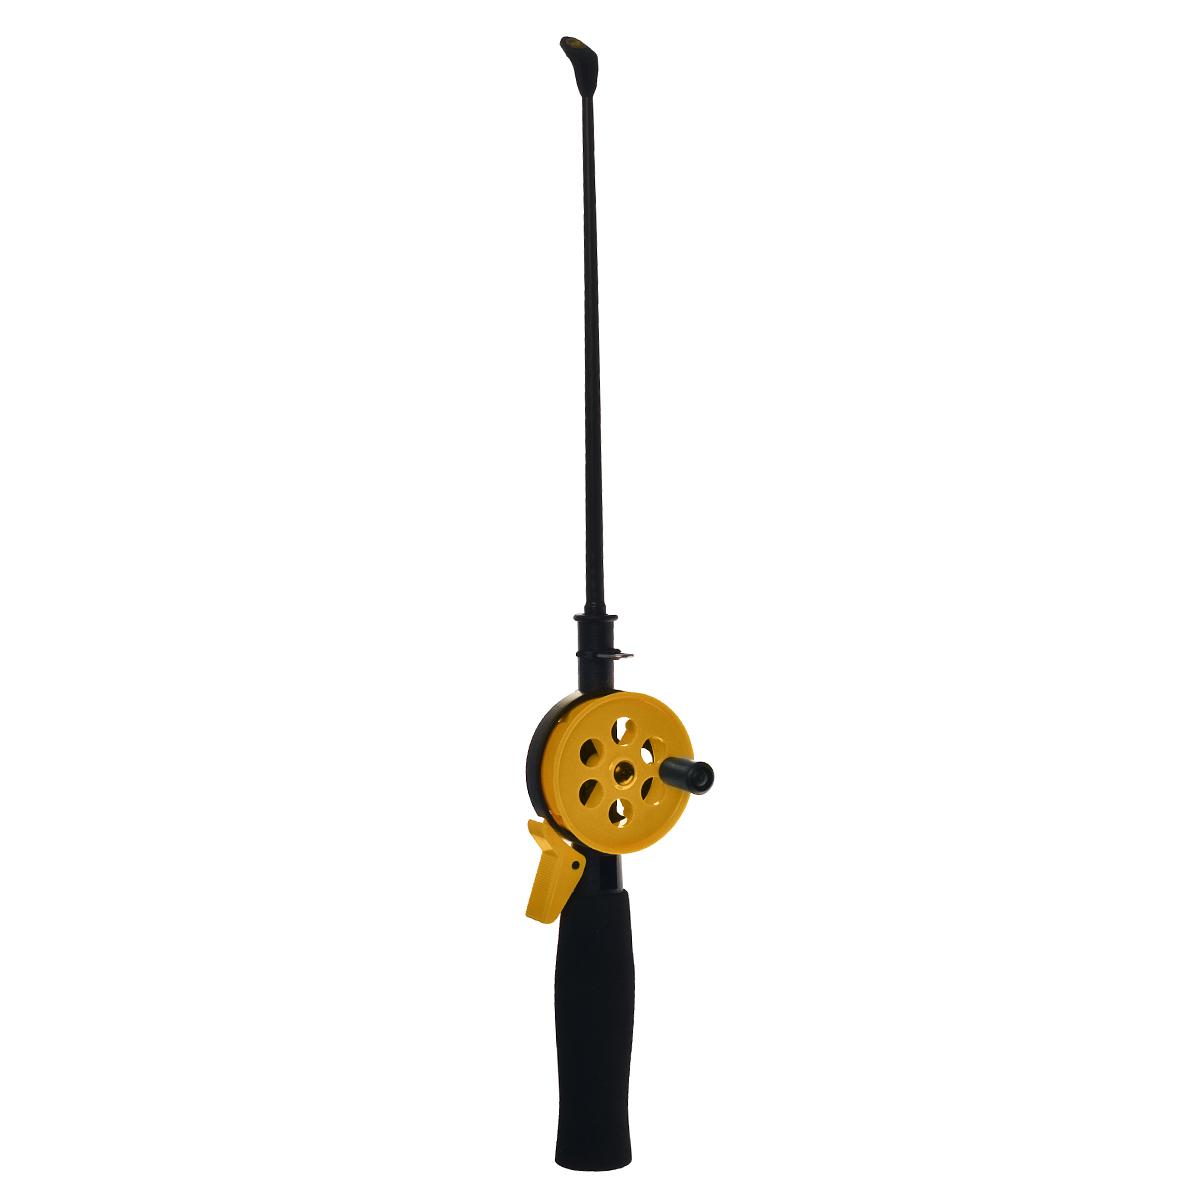 Удочка зимняя SWD HR402, цвет: черный, желтый, 38 см2116-240SETЗимняя удочка SWD HR402 с открытой катушкой диаметром 55 мм и клавишным стопором. Оснащена пластиковым хлыстом длиной 20 см с тюльпаном на конце. Ручка выполнена из неопрена.